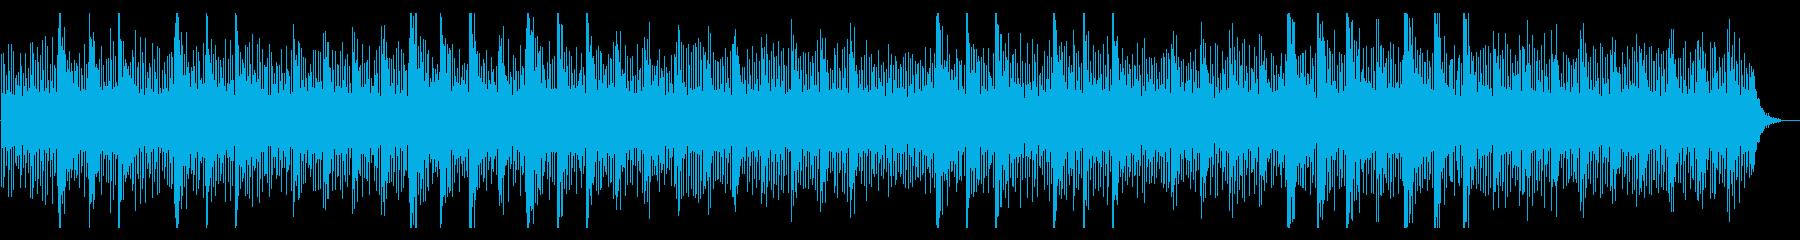 [Without Drum] Raise the problem of verification program's reproduced waveform